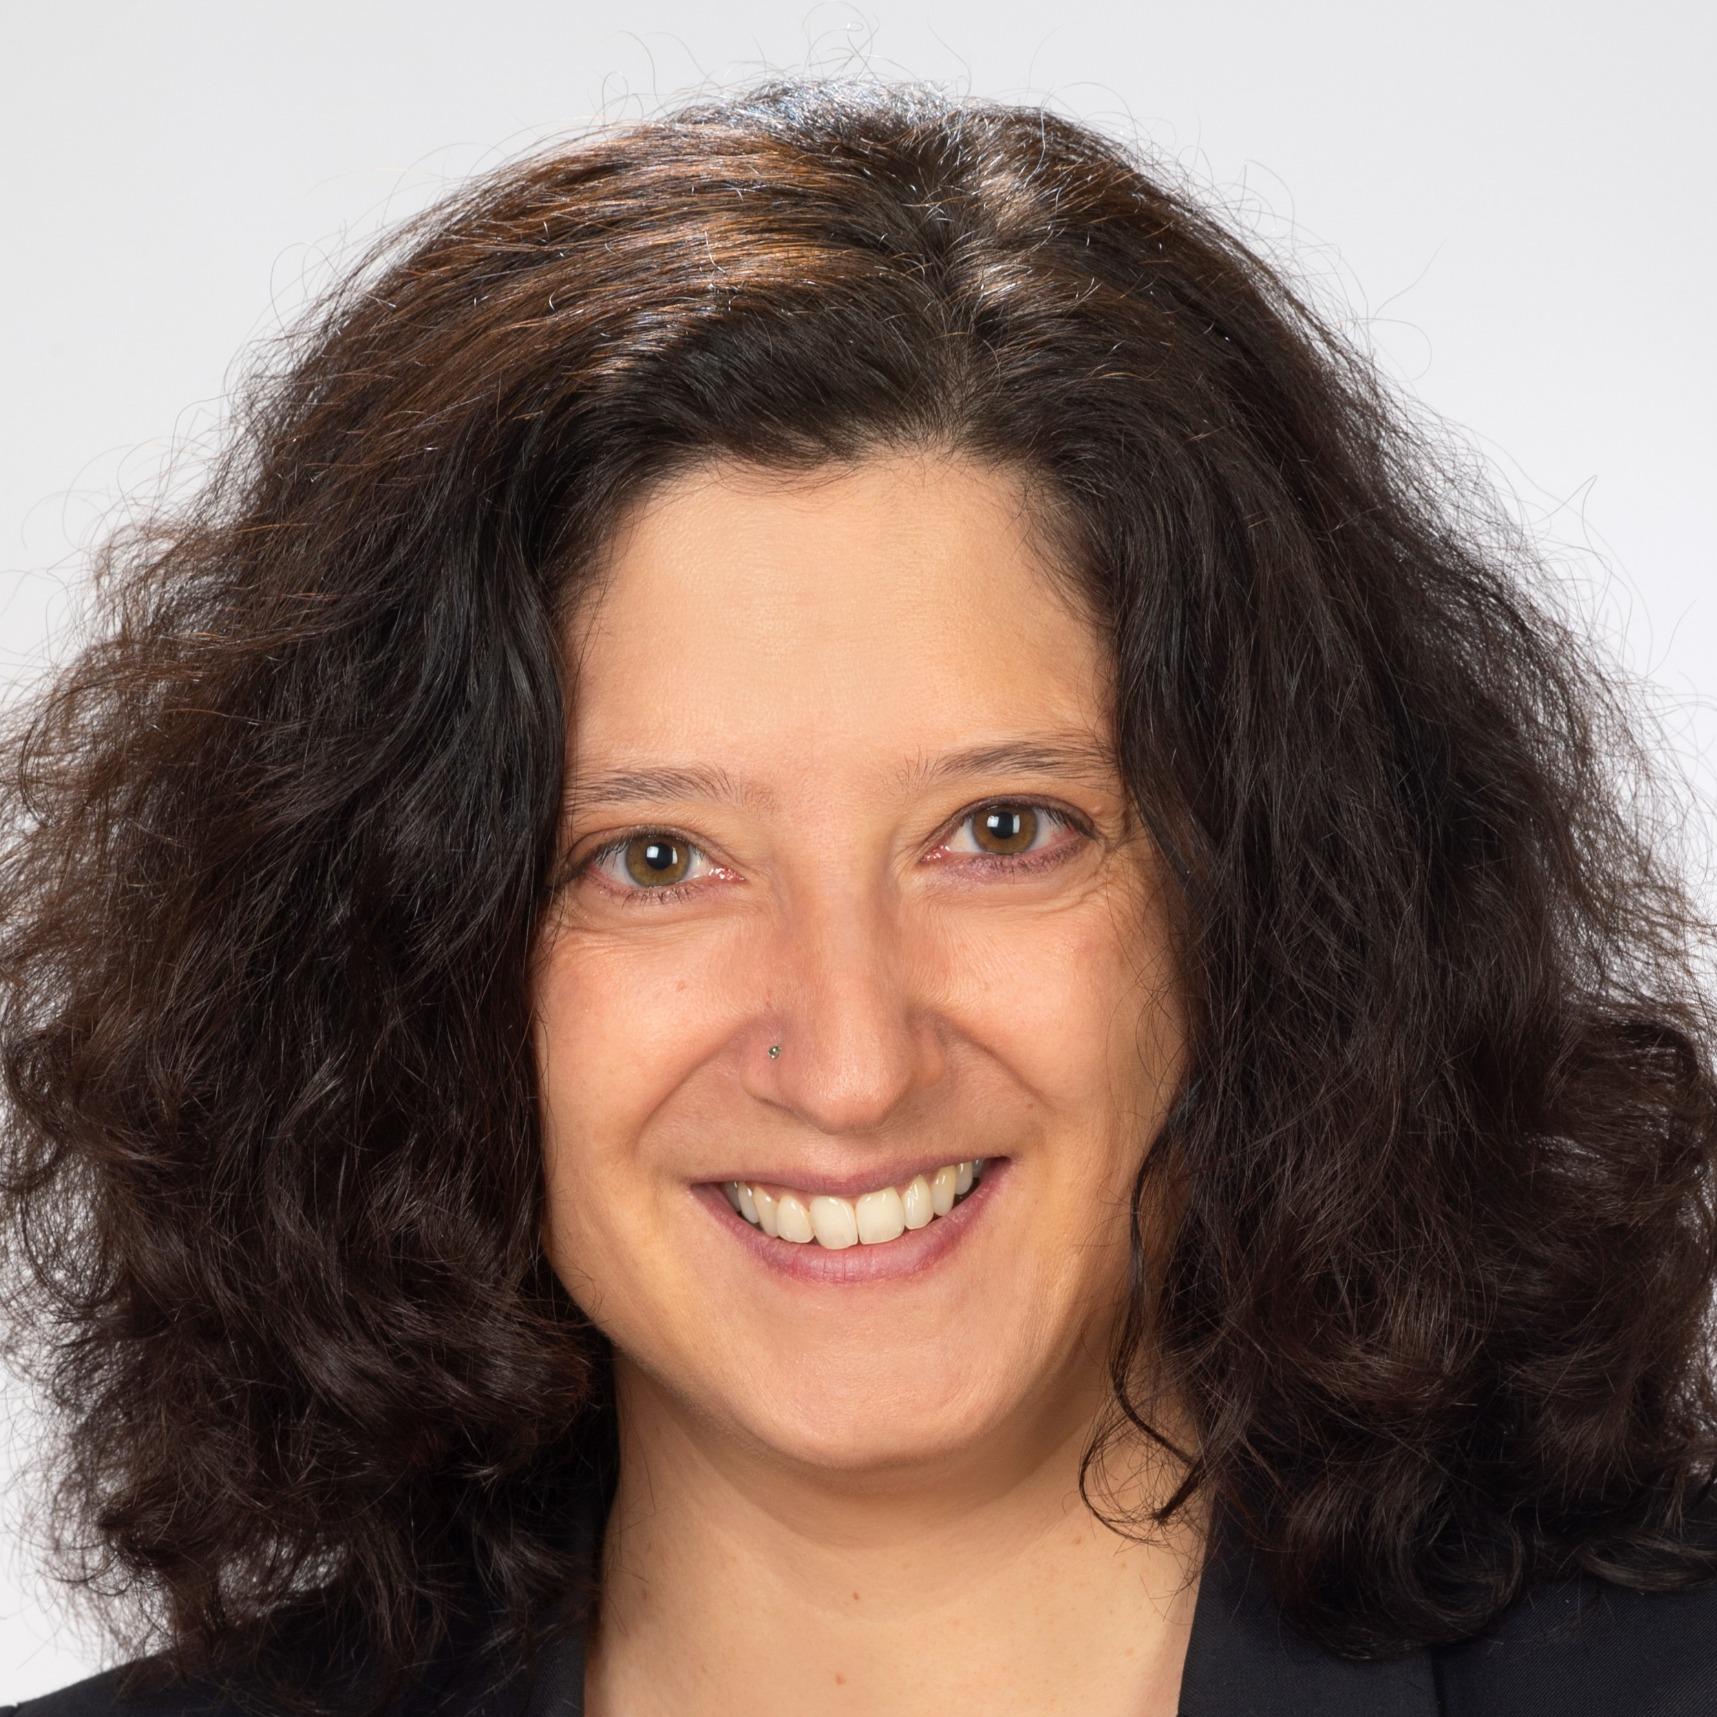 Michela Seggiani